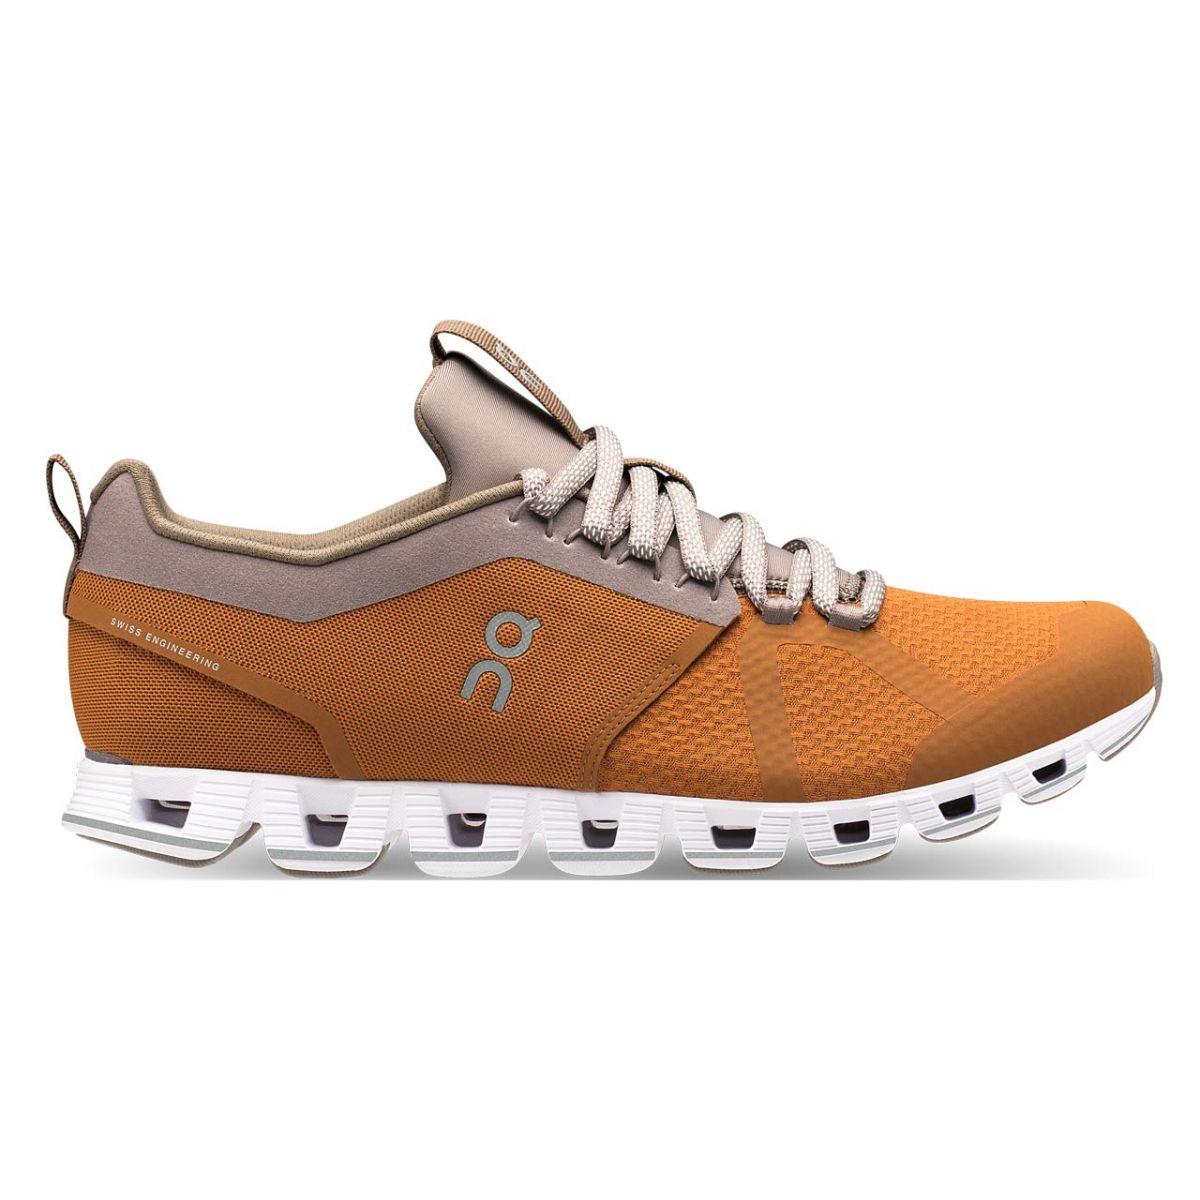 3f35b69c74479d Herren Laufbekleidung und Schuhe in Coburg kaufen